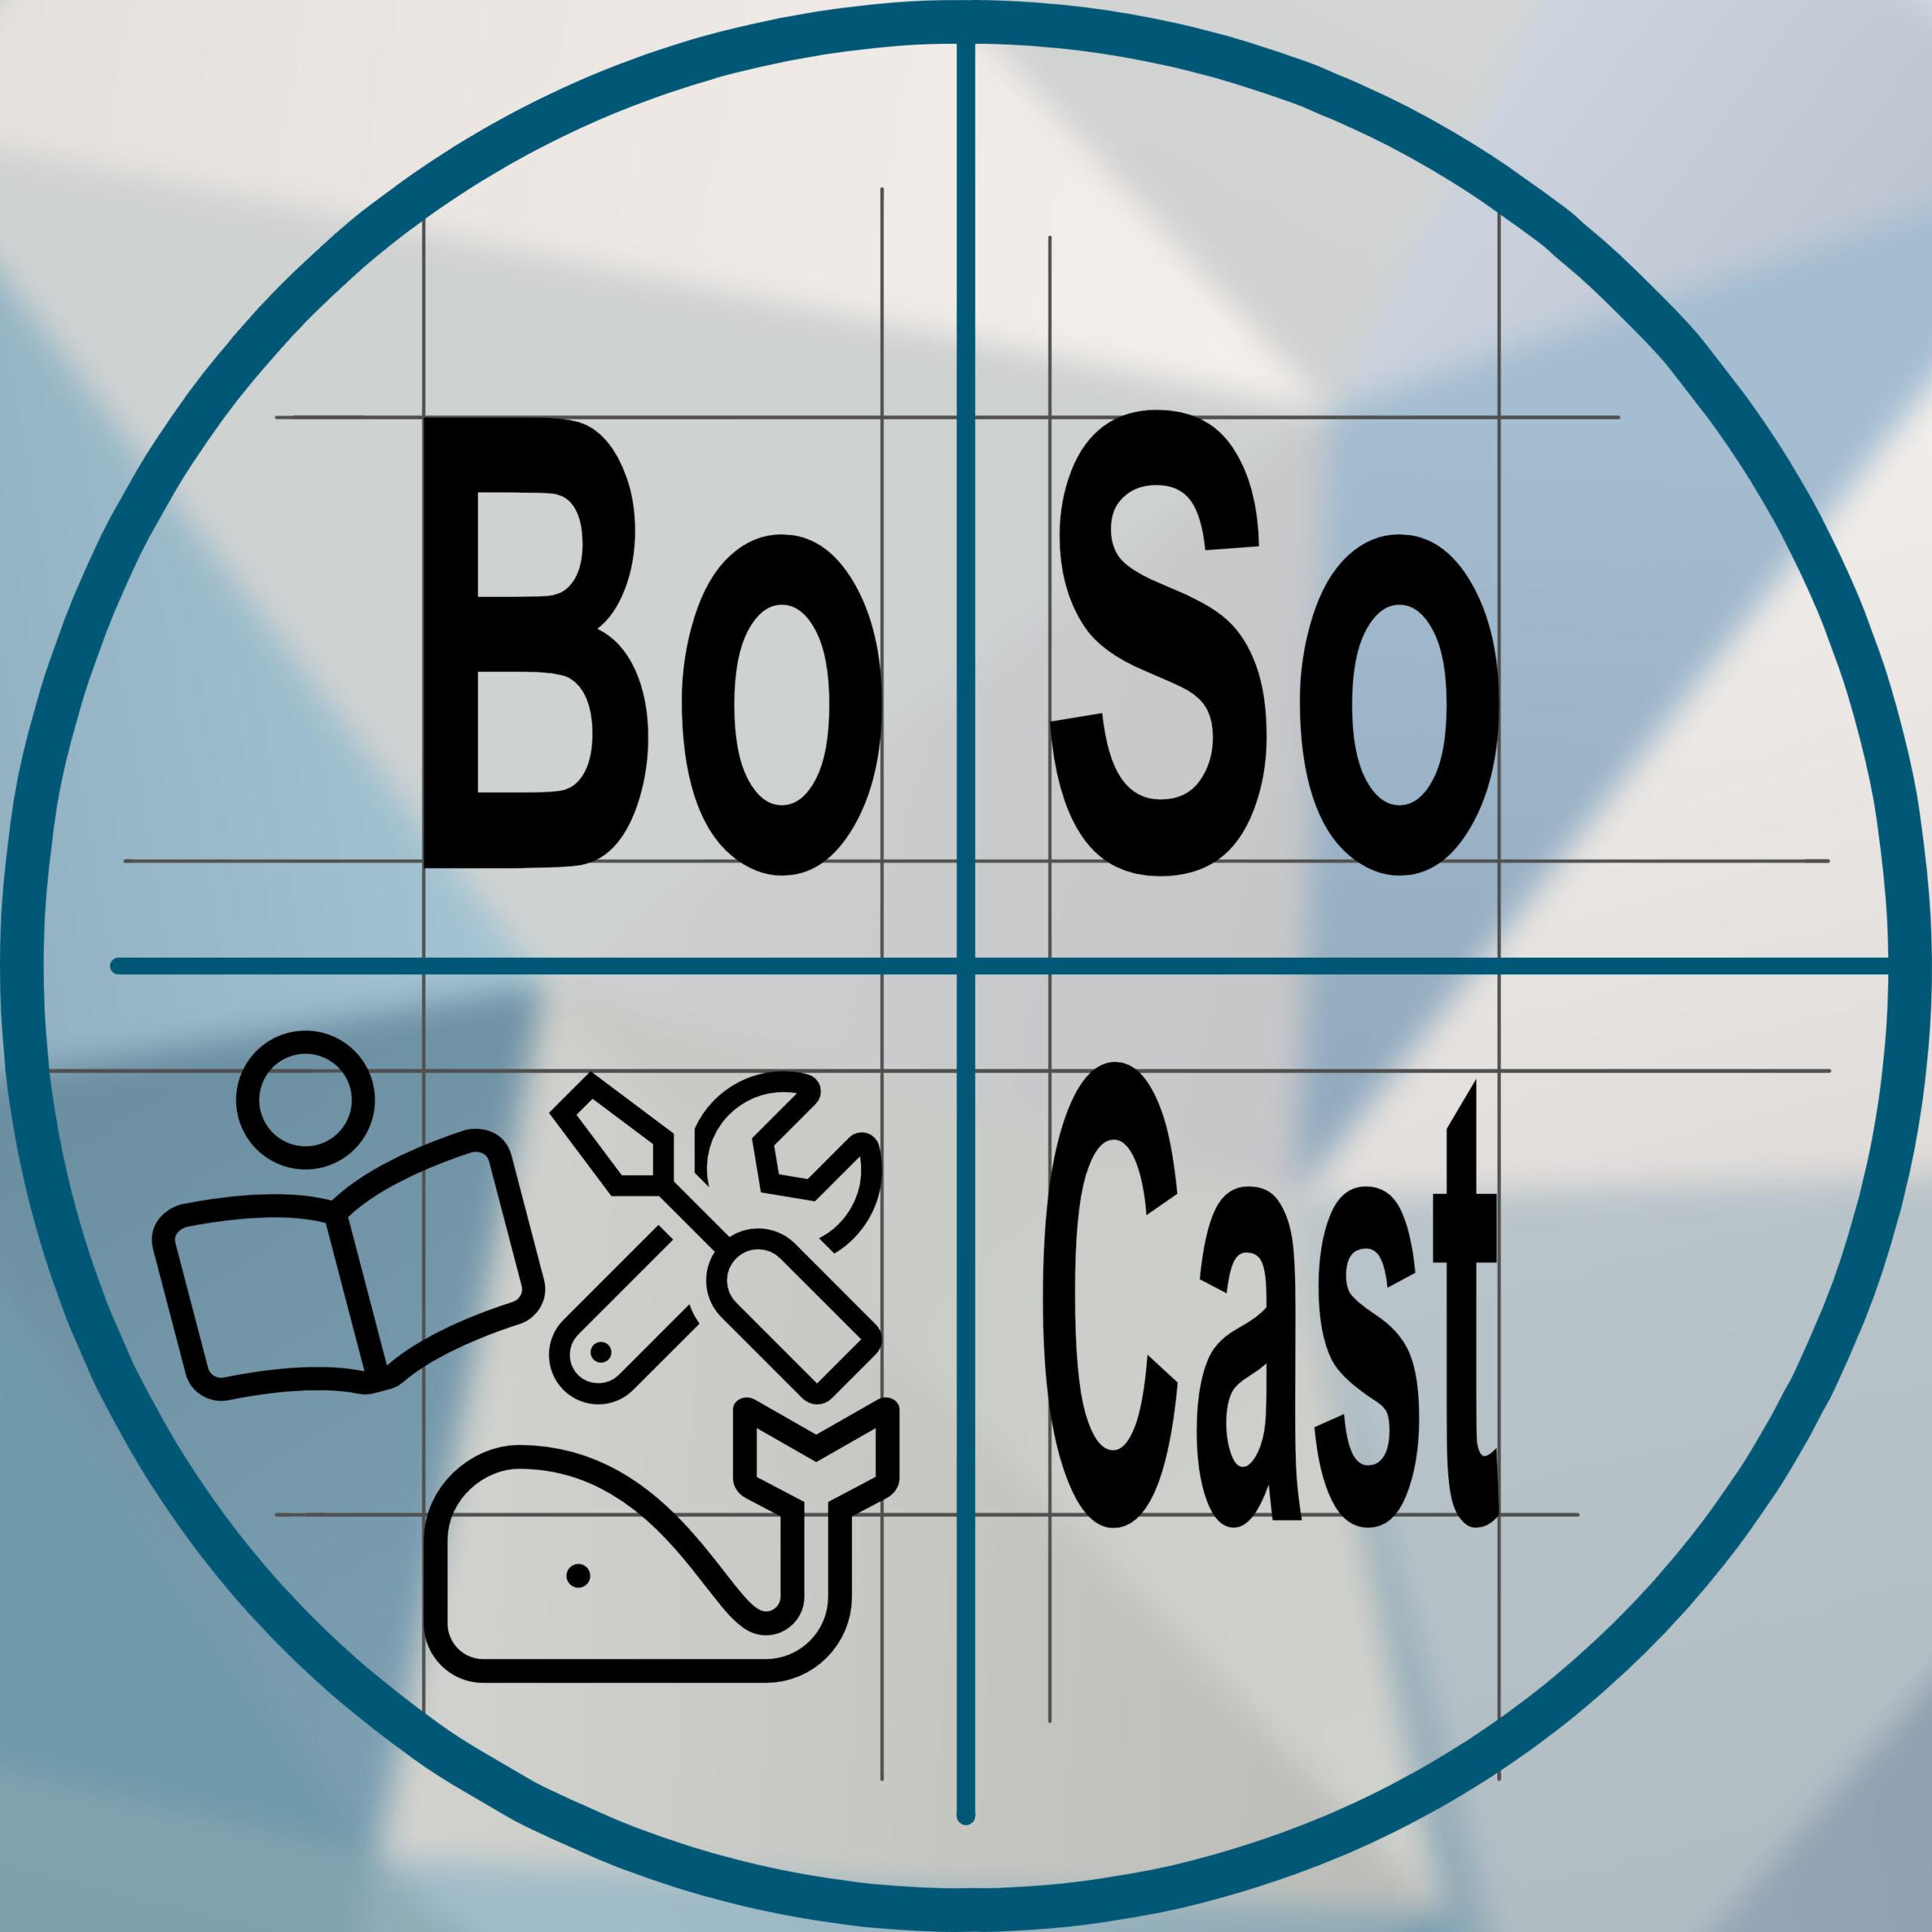 BoSo-Cast